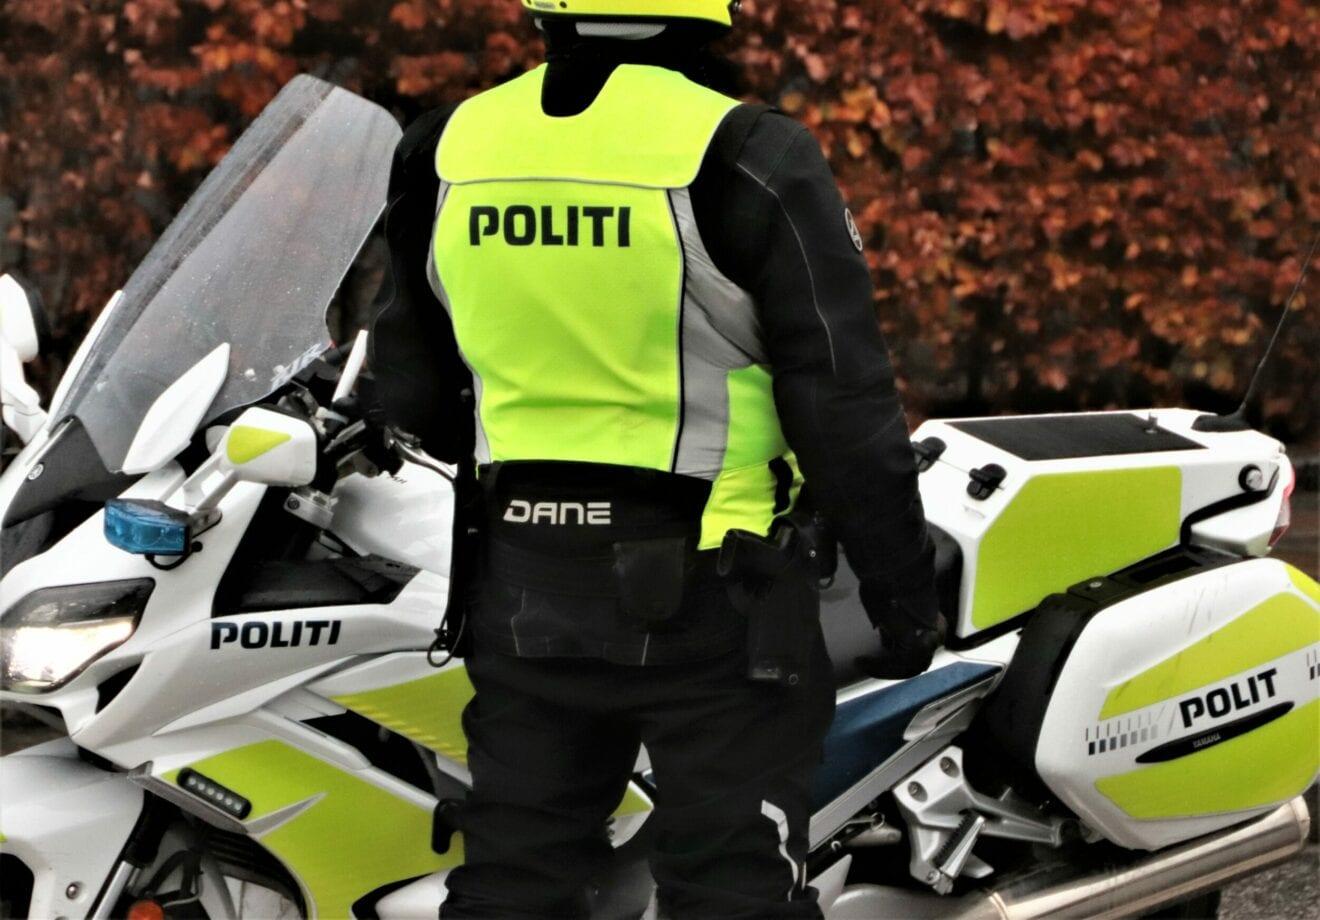 Politiet sætter ind mod spirituskørsel hen over sommeren